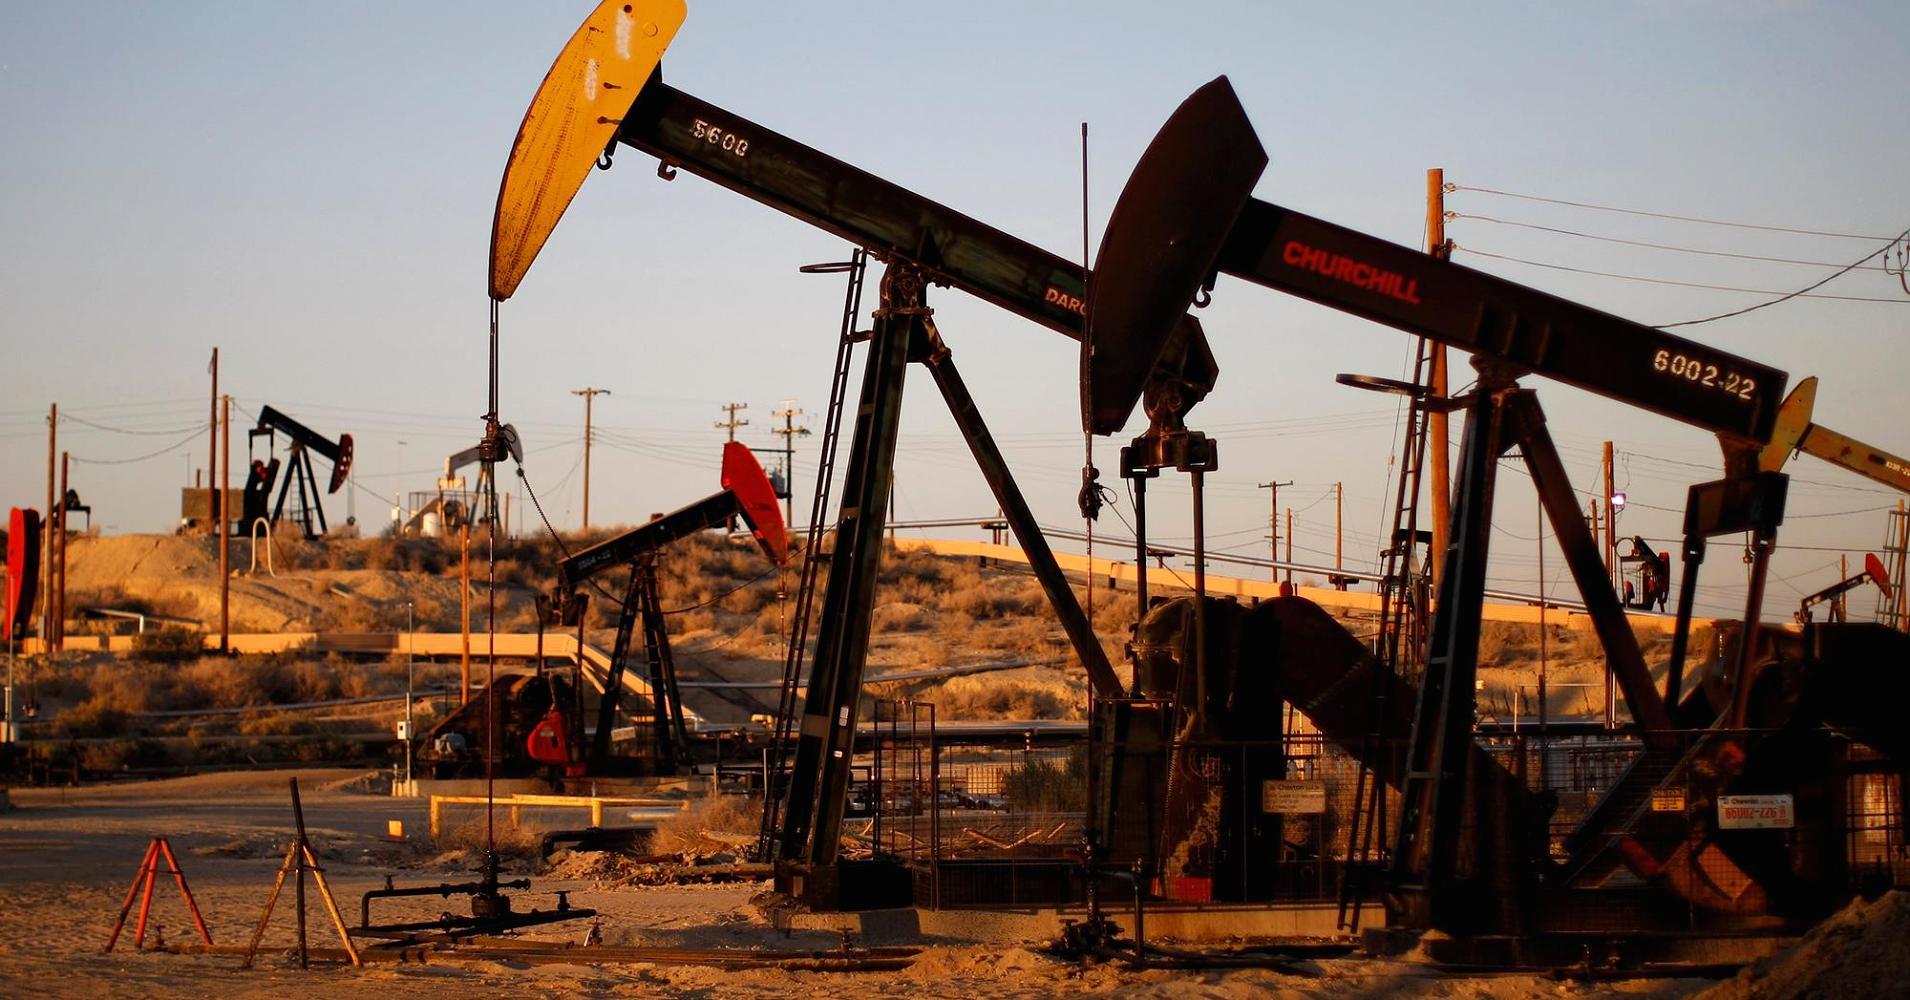 استقرار أسعار النفط بعد خسائر ثقيلة مع عودة الحديث عن عقوبات إيران